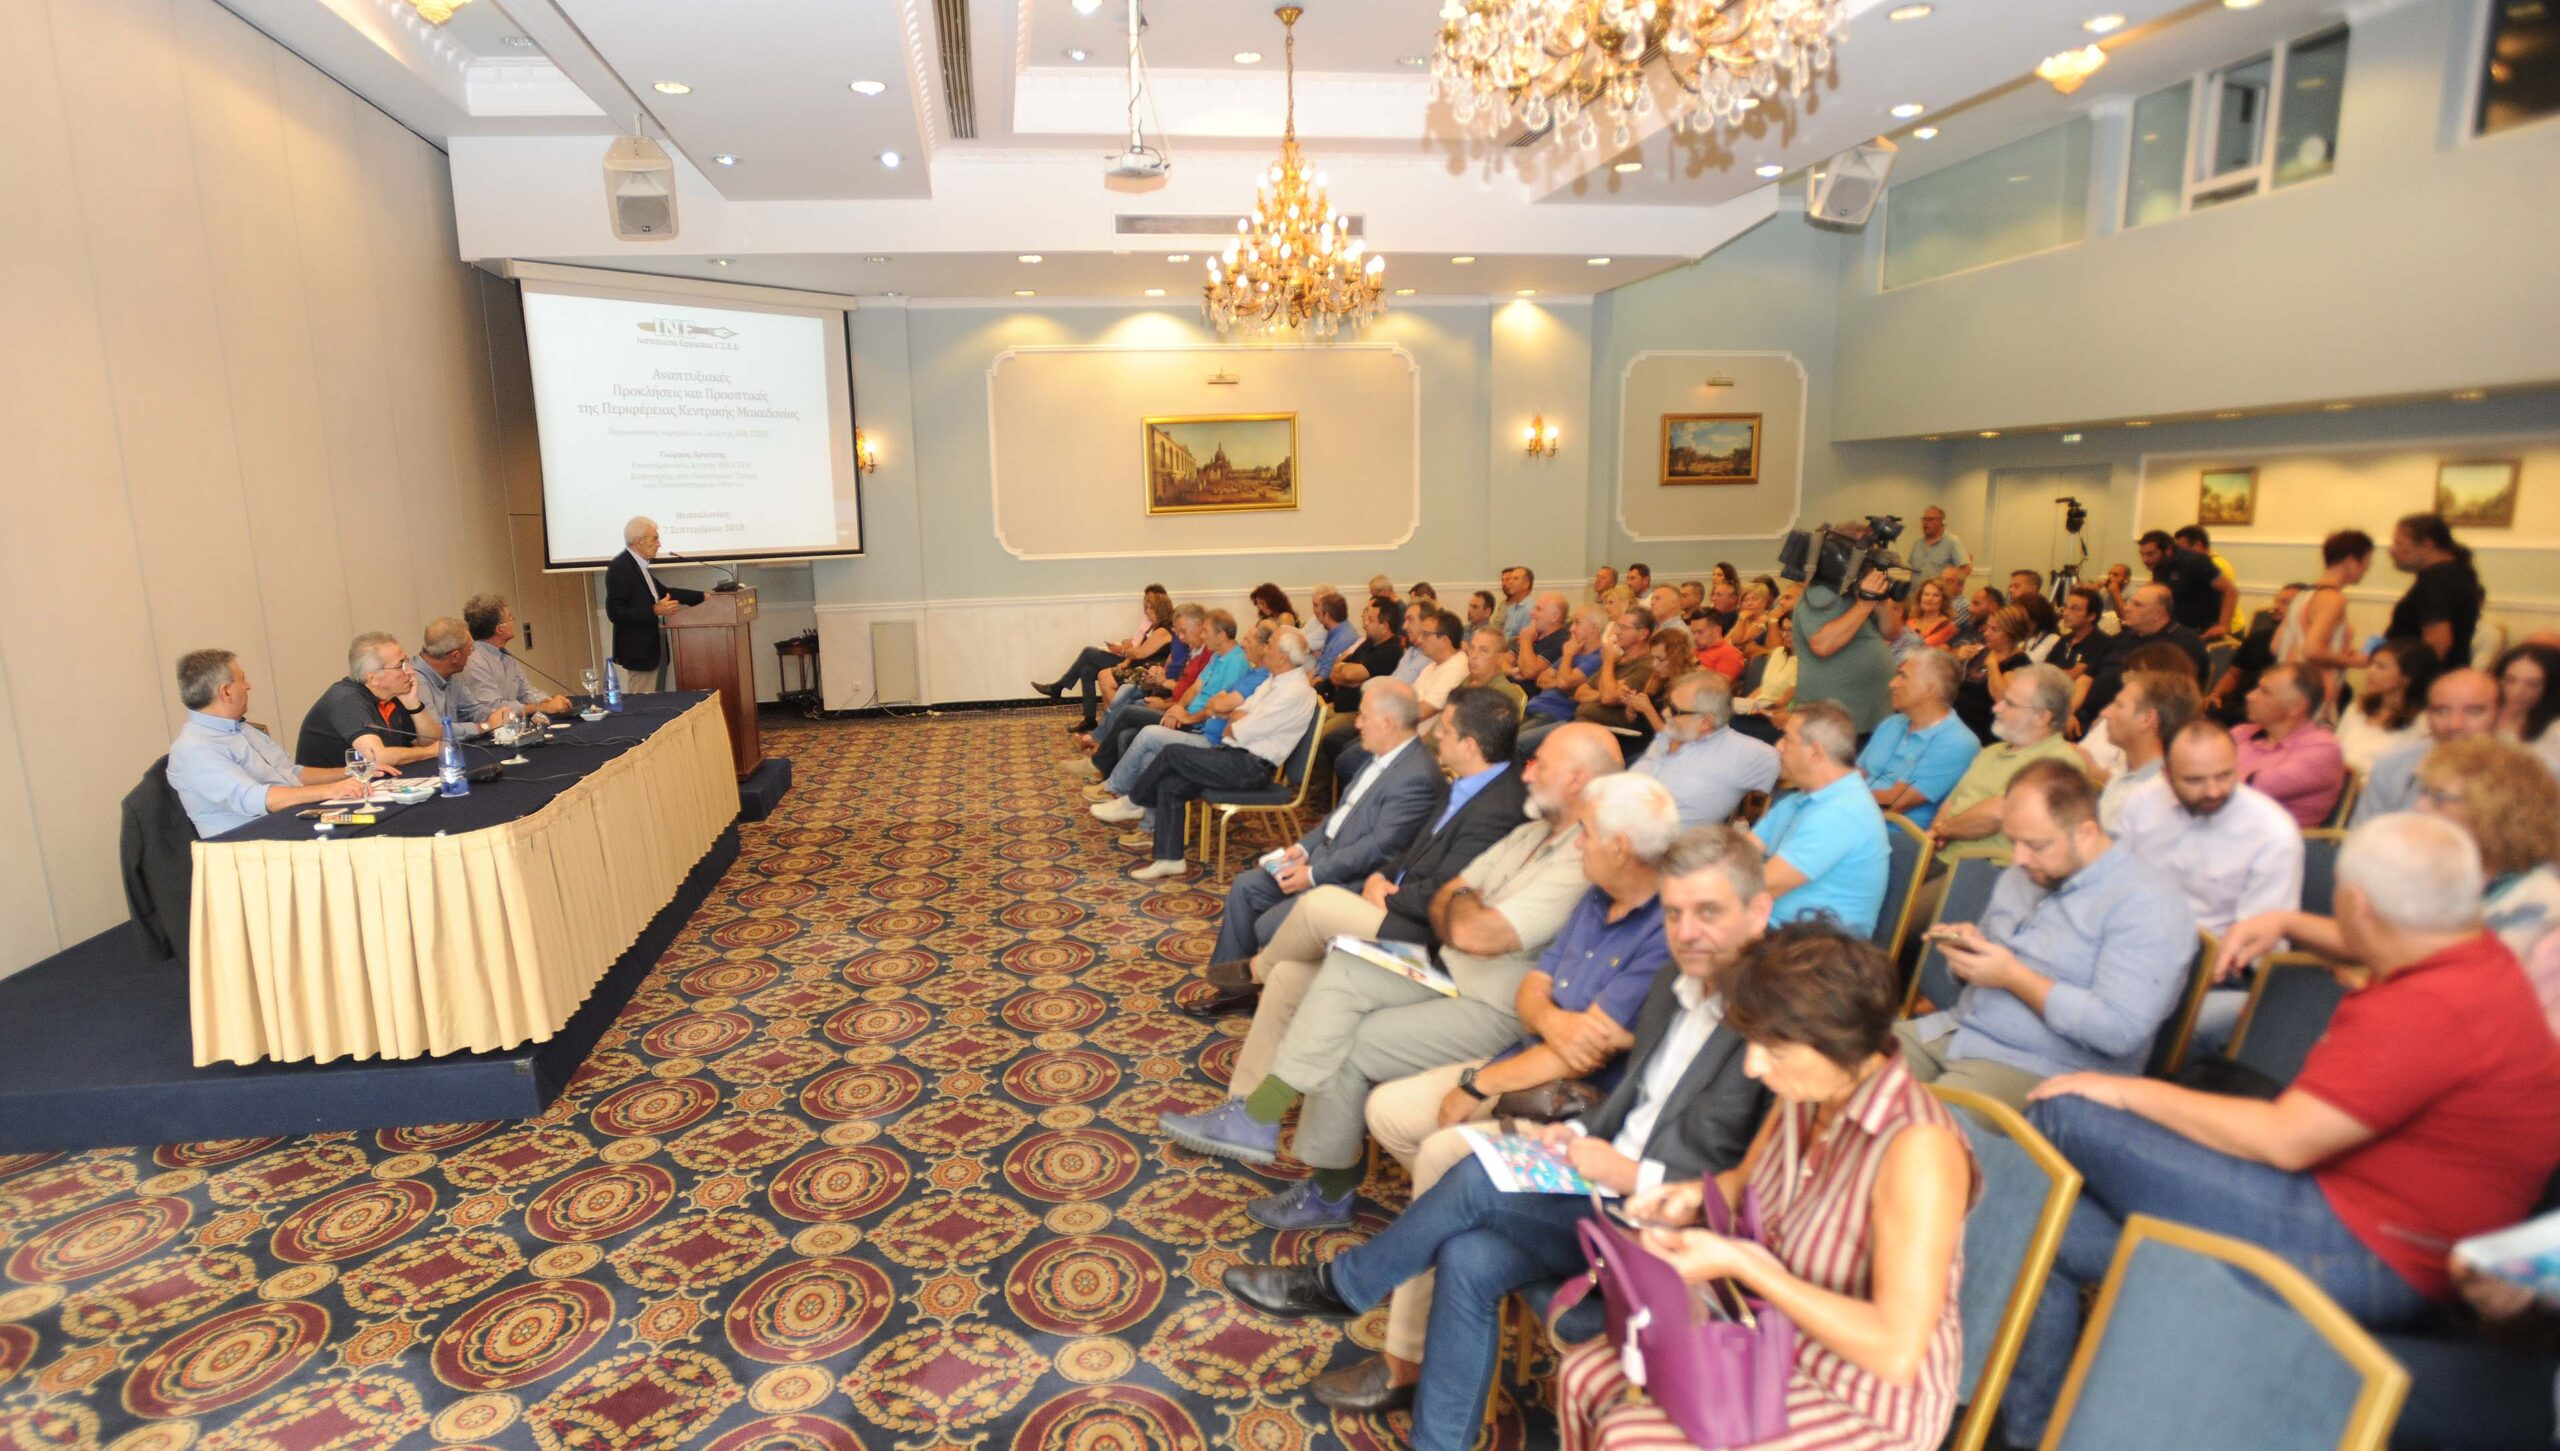 Αποτελέσματα έρευνας Ημερίδα του ΙΝΕ/ΓΣΕΕ για τις Αναπτυξιακές Προκλήσεις της Περιφέρειας Κεντρικής Μακεδονίας